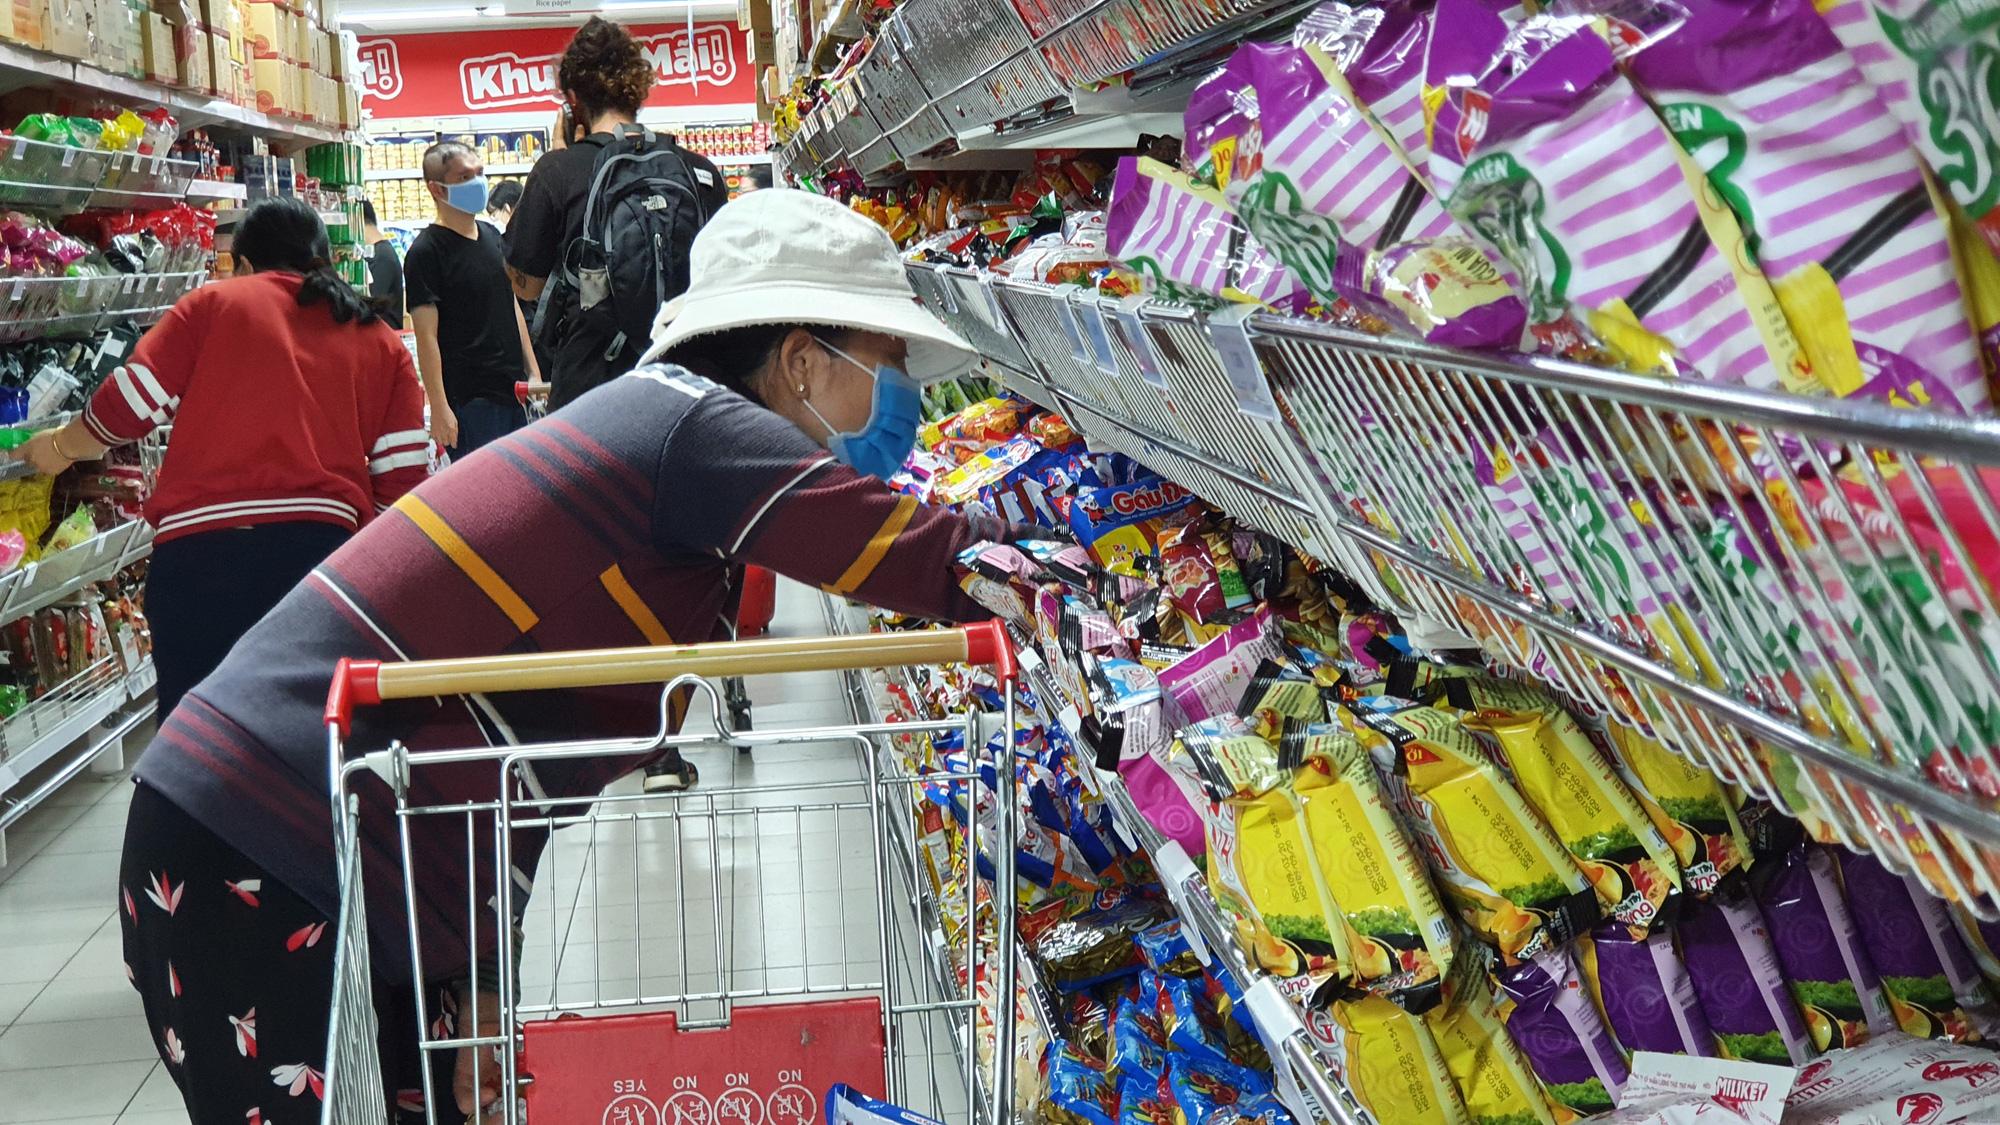 Sợ siêu thị đóng cửa, bị rủ rê… người Sài gòn kéo nhau đi mua đồ về trữ cho 14 ngày cách li xã hội - Ảnh 20.